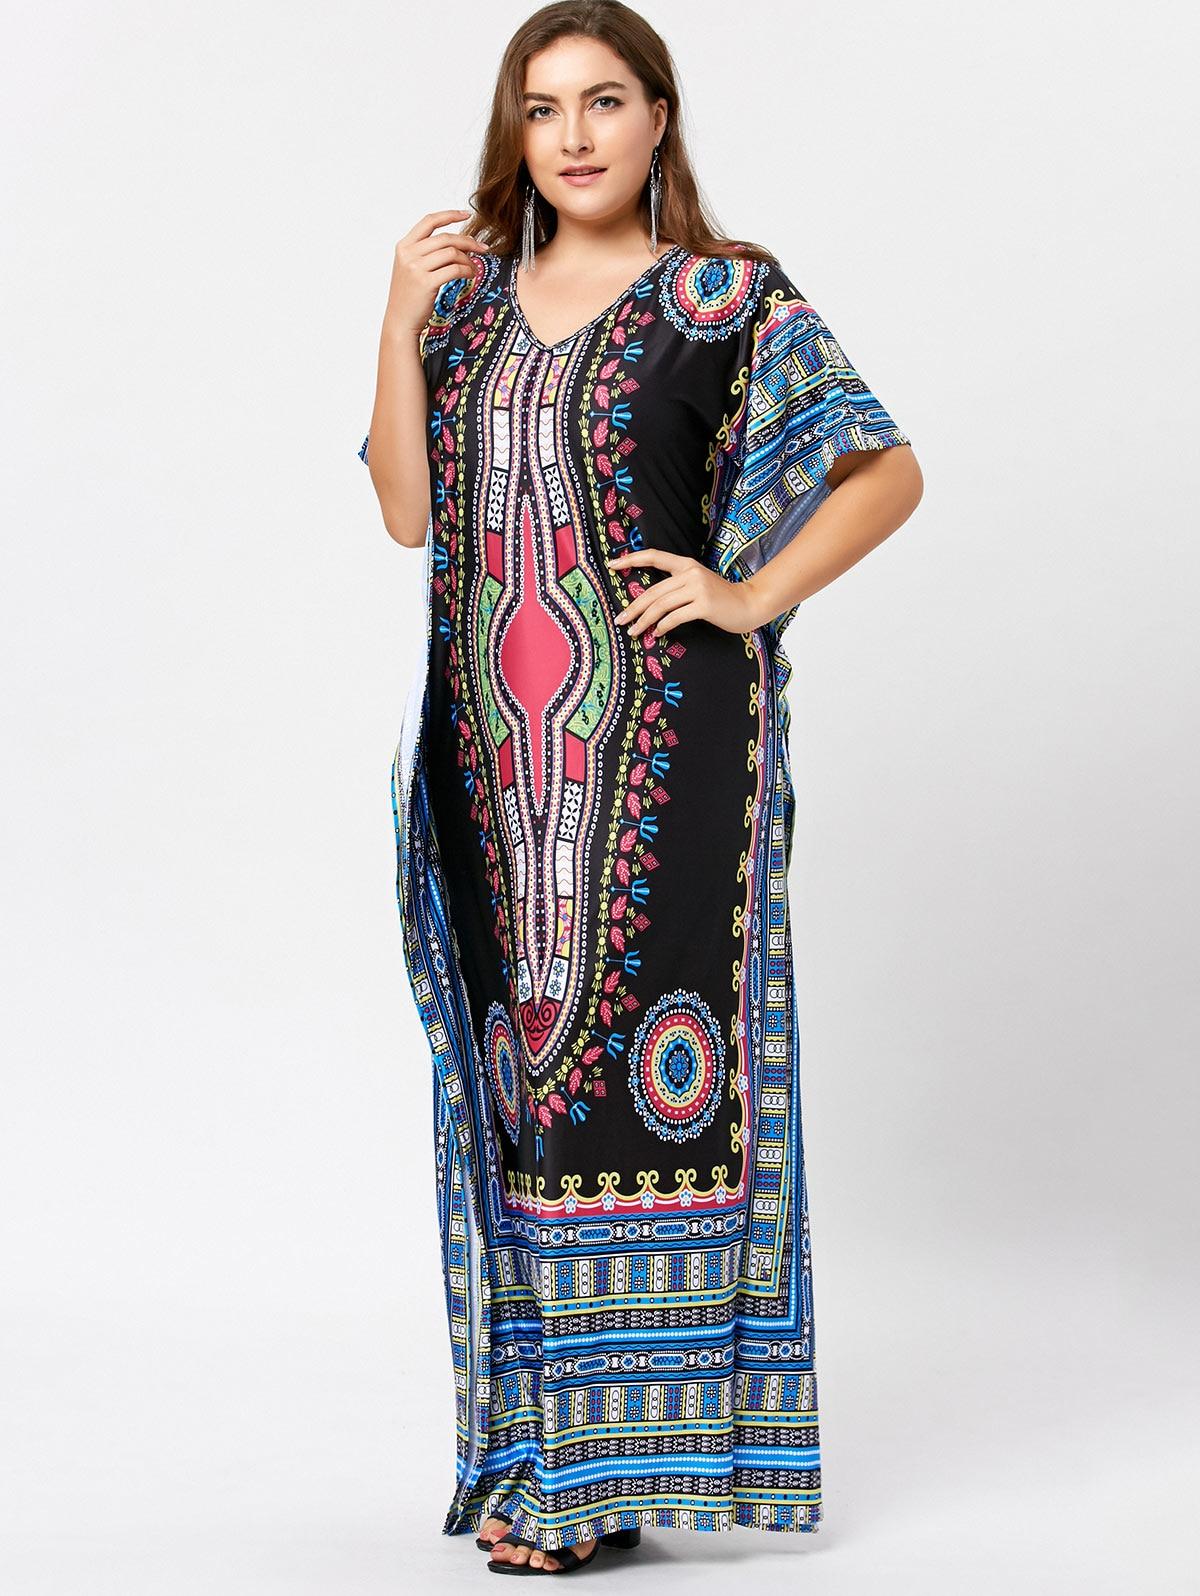 d8e9bae43b Gamiss Plus Size Motyl Rękawem Tribal Drukuj Kobiety Maxi Długa Sukienka W  Stylu Vintage Sukienki Krótki Rękaw Casual Luźne Vestidos